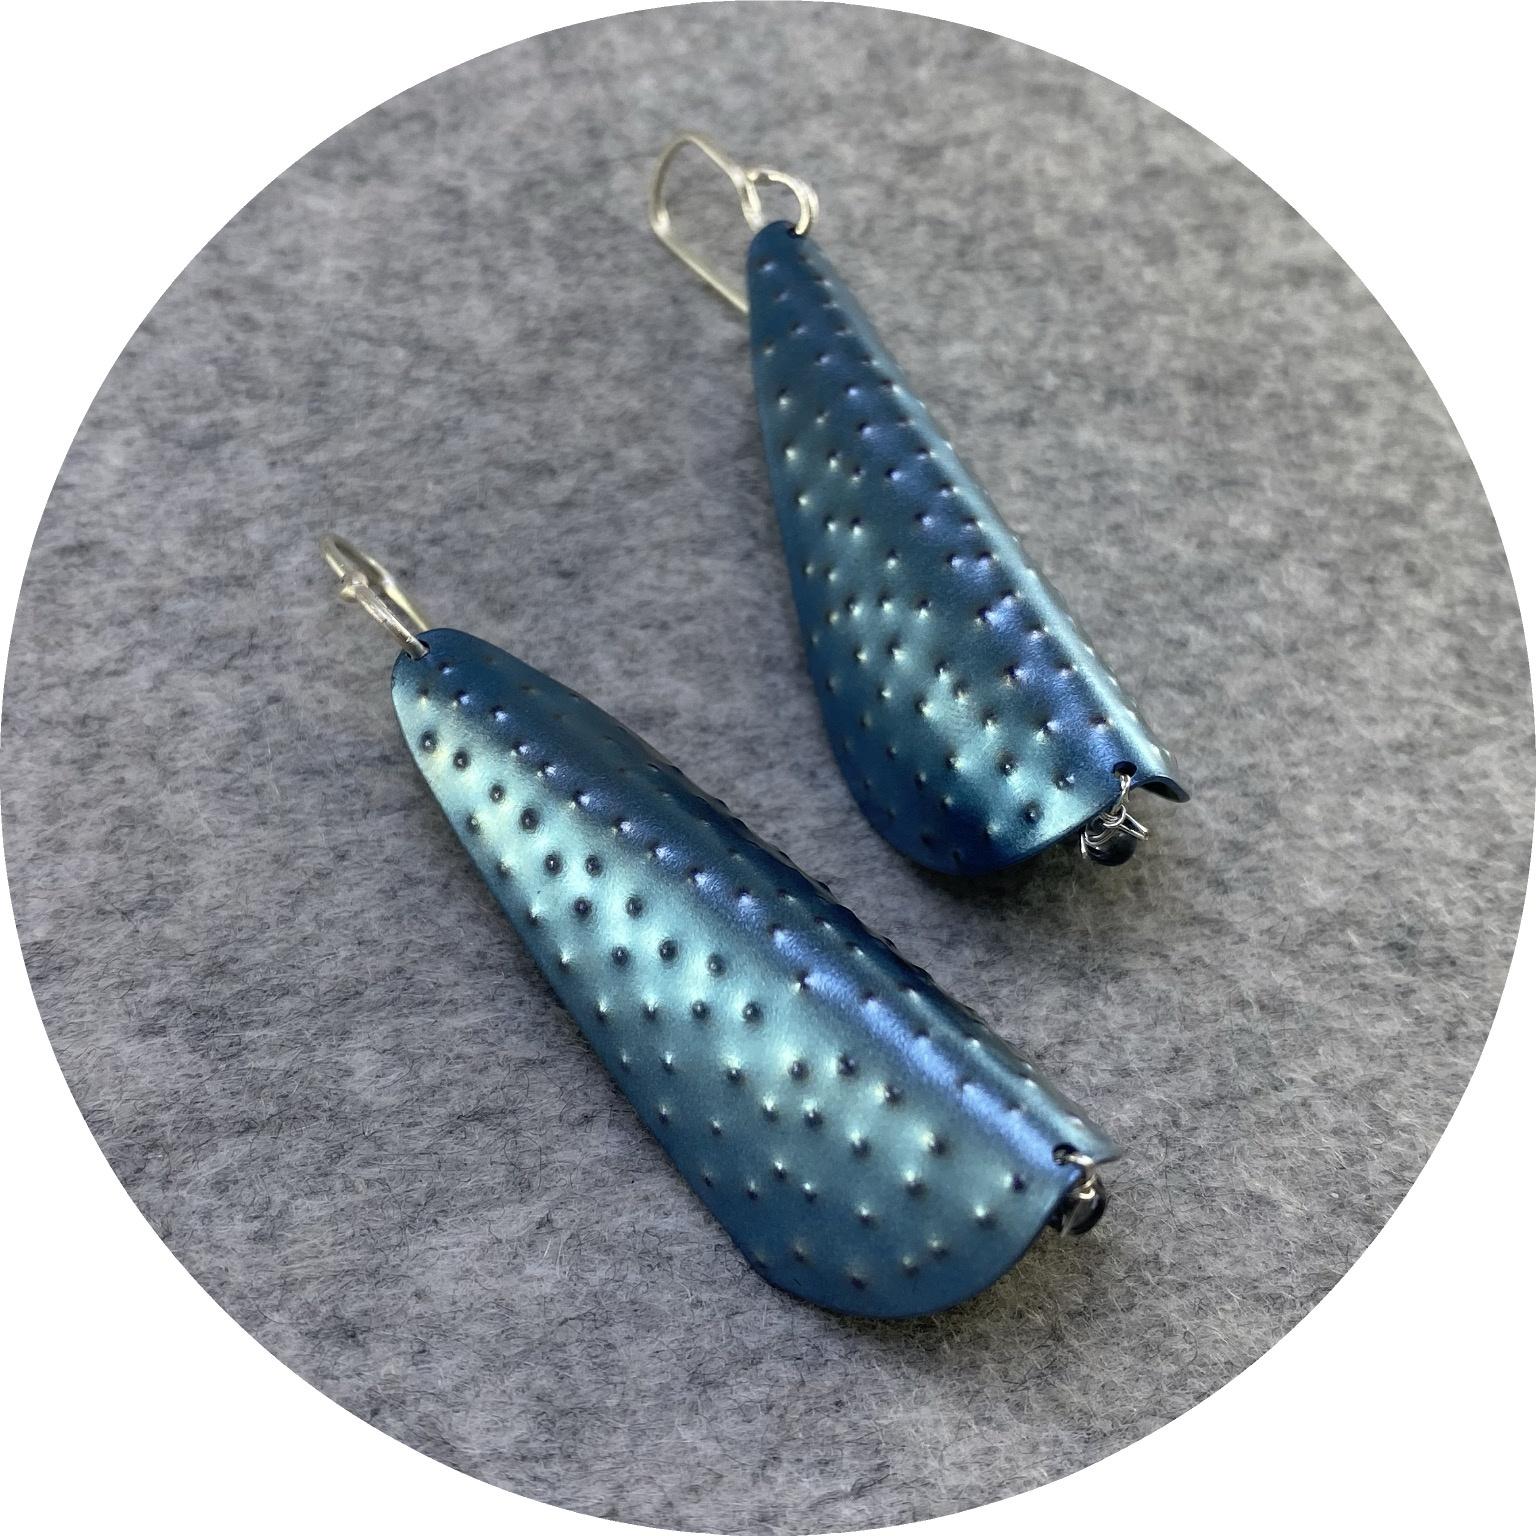 Amanda Croatto - 'Blue Dreams', titanium, 925 silver, fine silver, sapphire